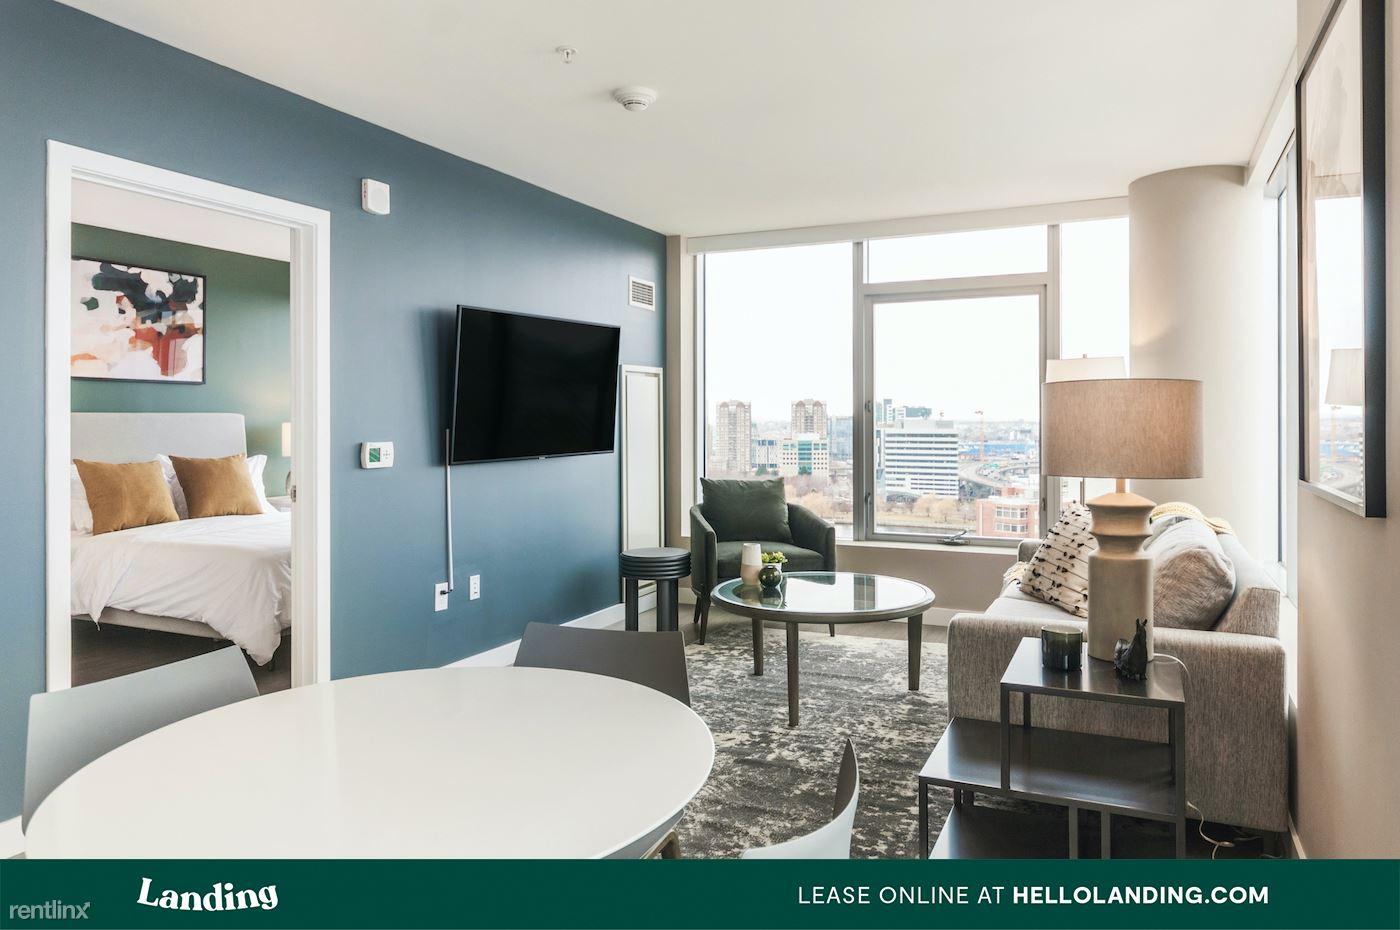 8 Emerson Place, Boston, MA - $4,068